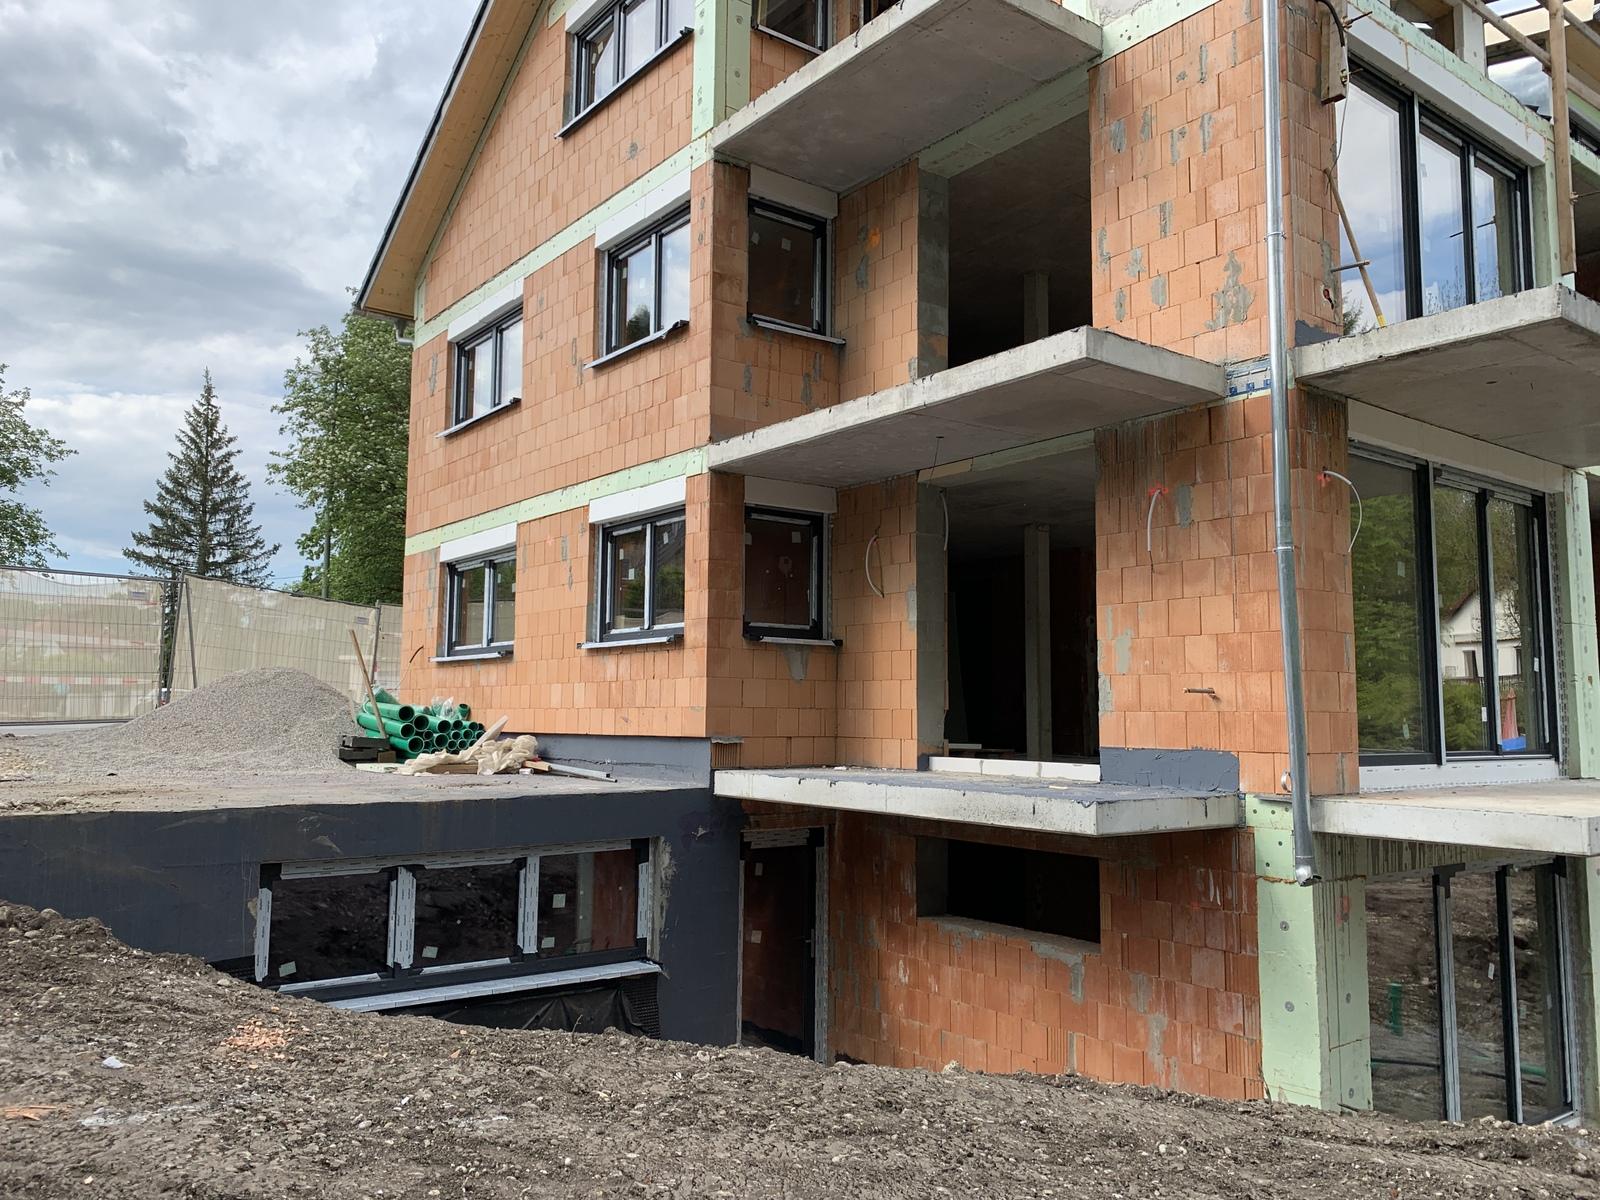 Full Size of Aluplast Erfahrung 8000 Einbau Archive Firma Norta Schco Fenster Aus Wohnzimmer Aluplast Erfahrung